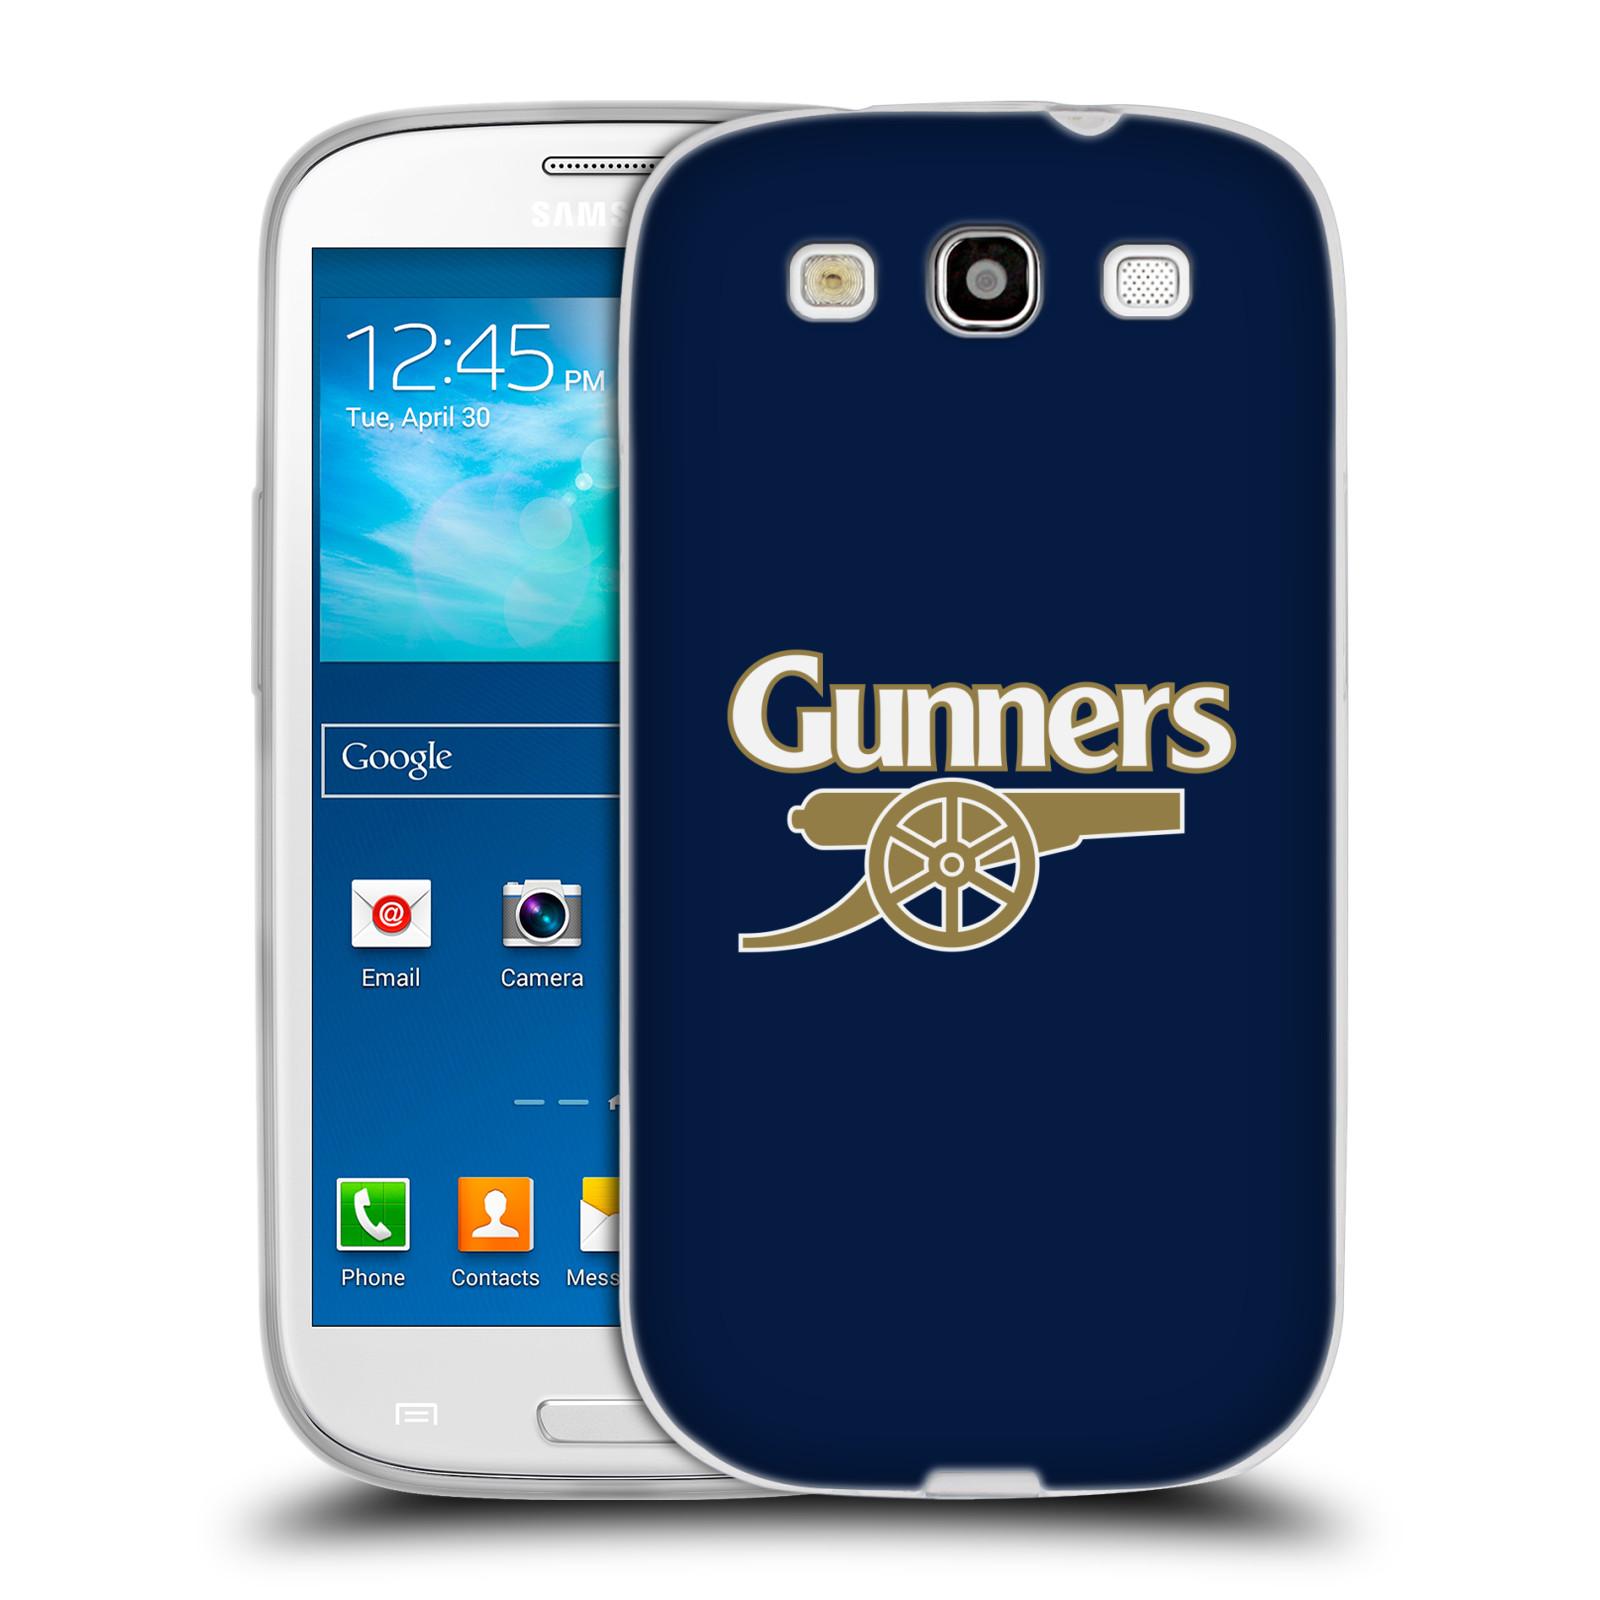 Silikonové pouzdro na mobil Samsung Galaxy S3 Neo - Head Case - Arsenal FC - Gunners